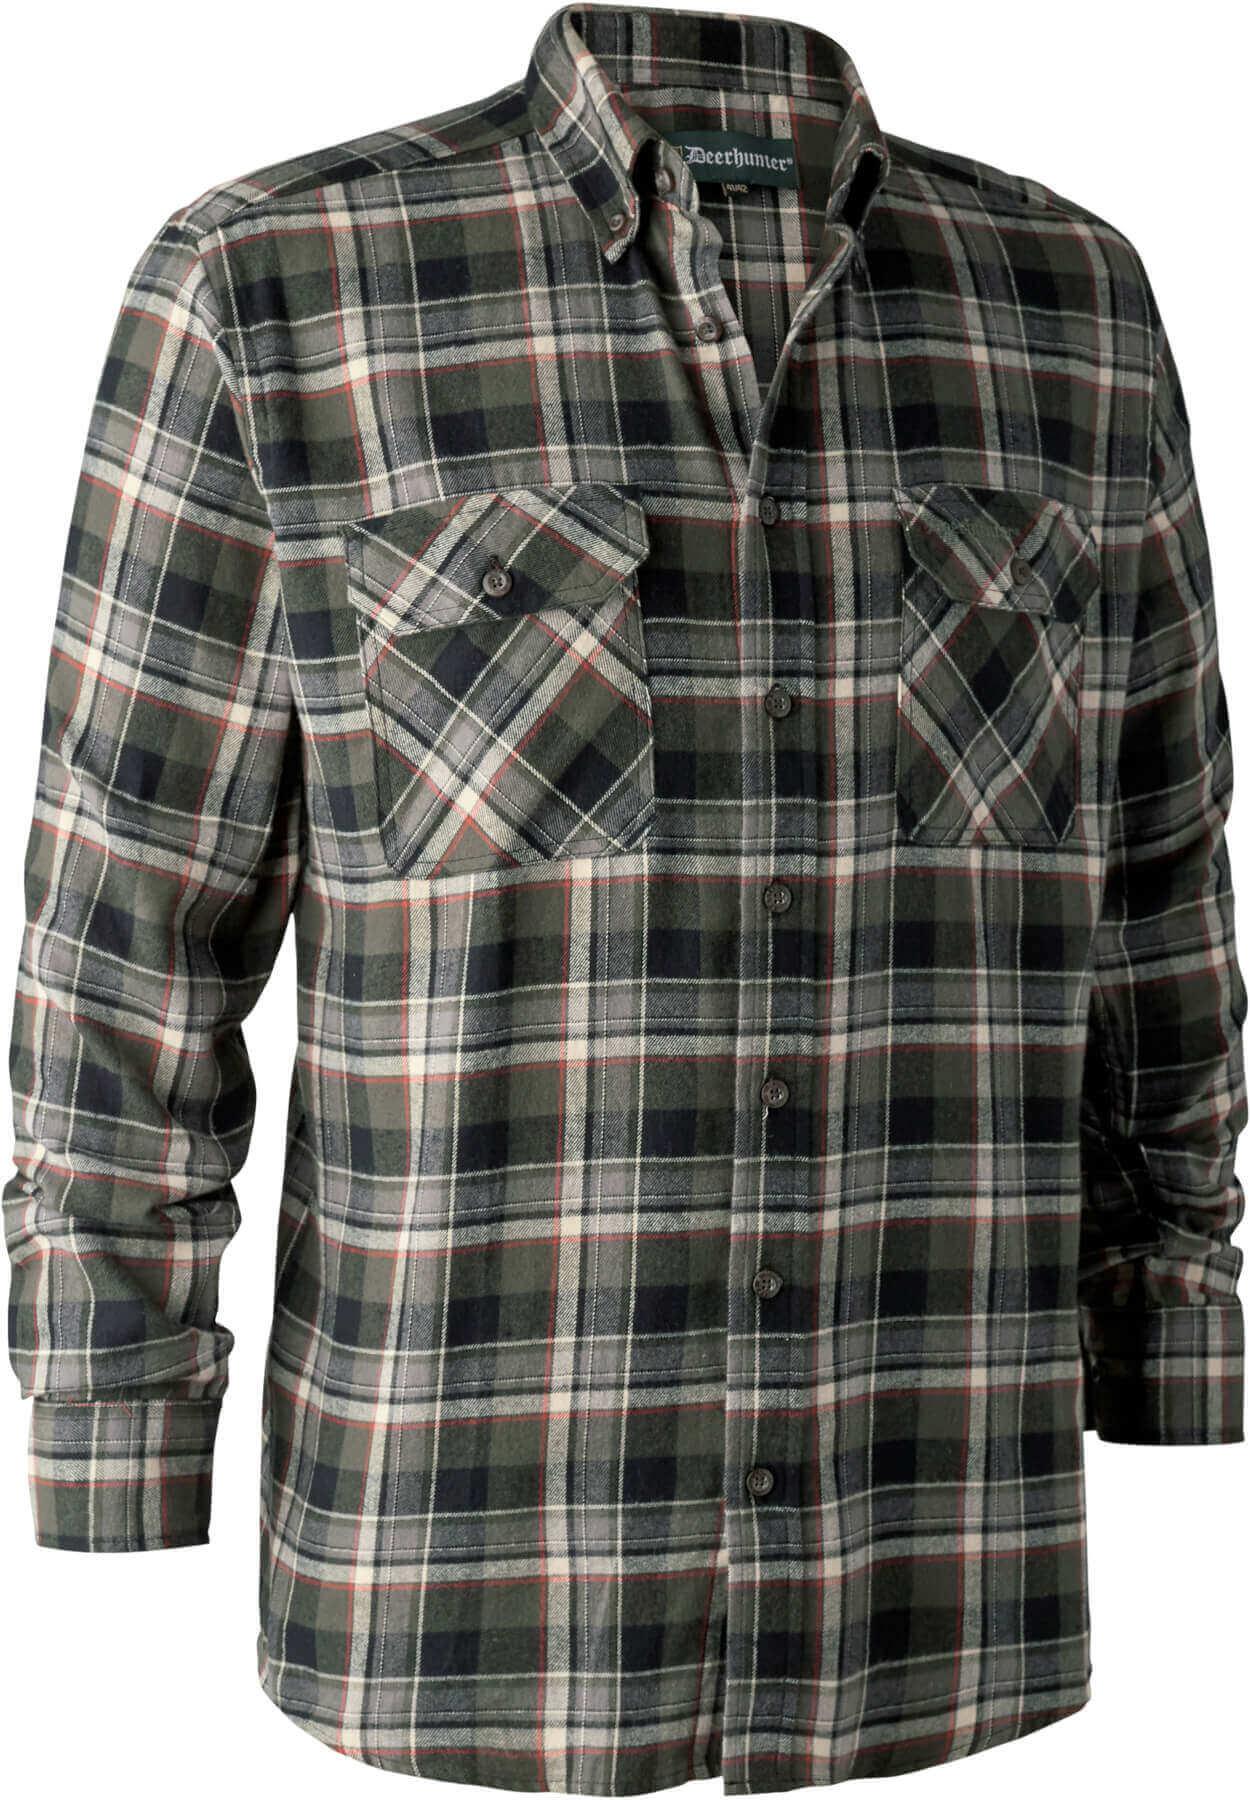 Grün schwarz kariertes Hemd mit Brusttaschen